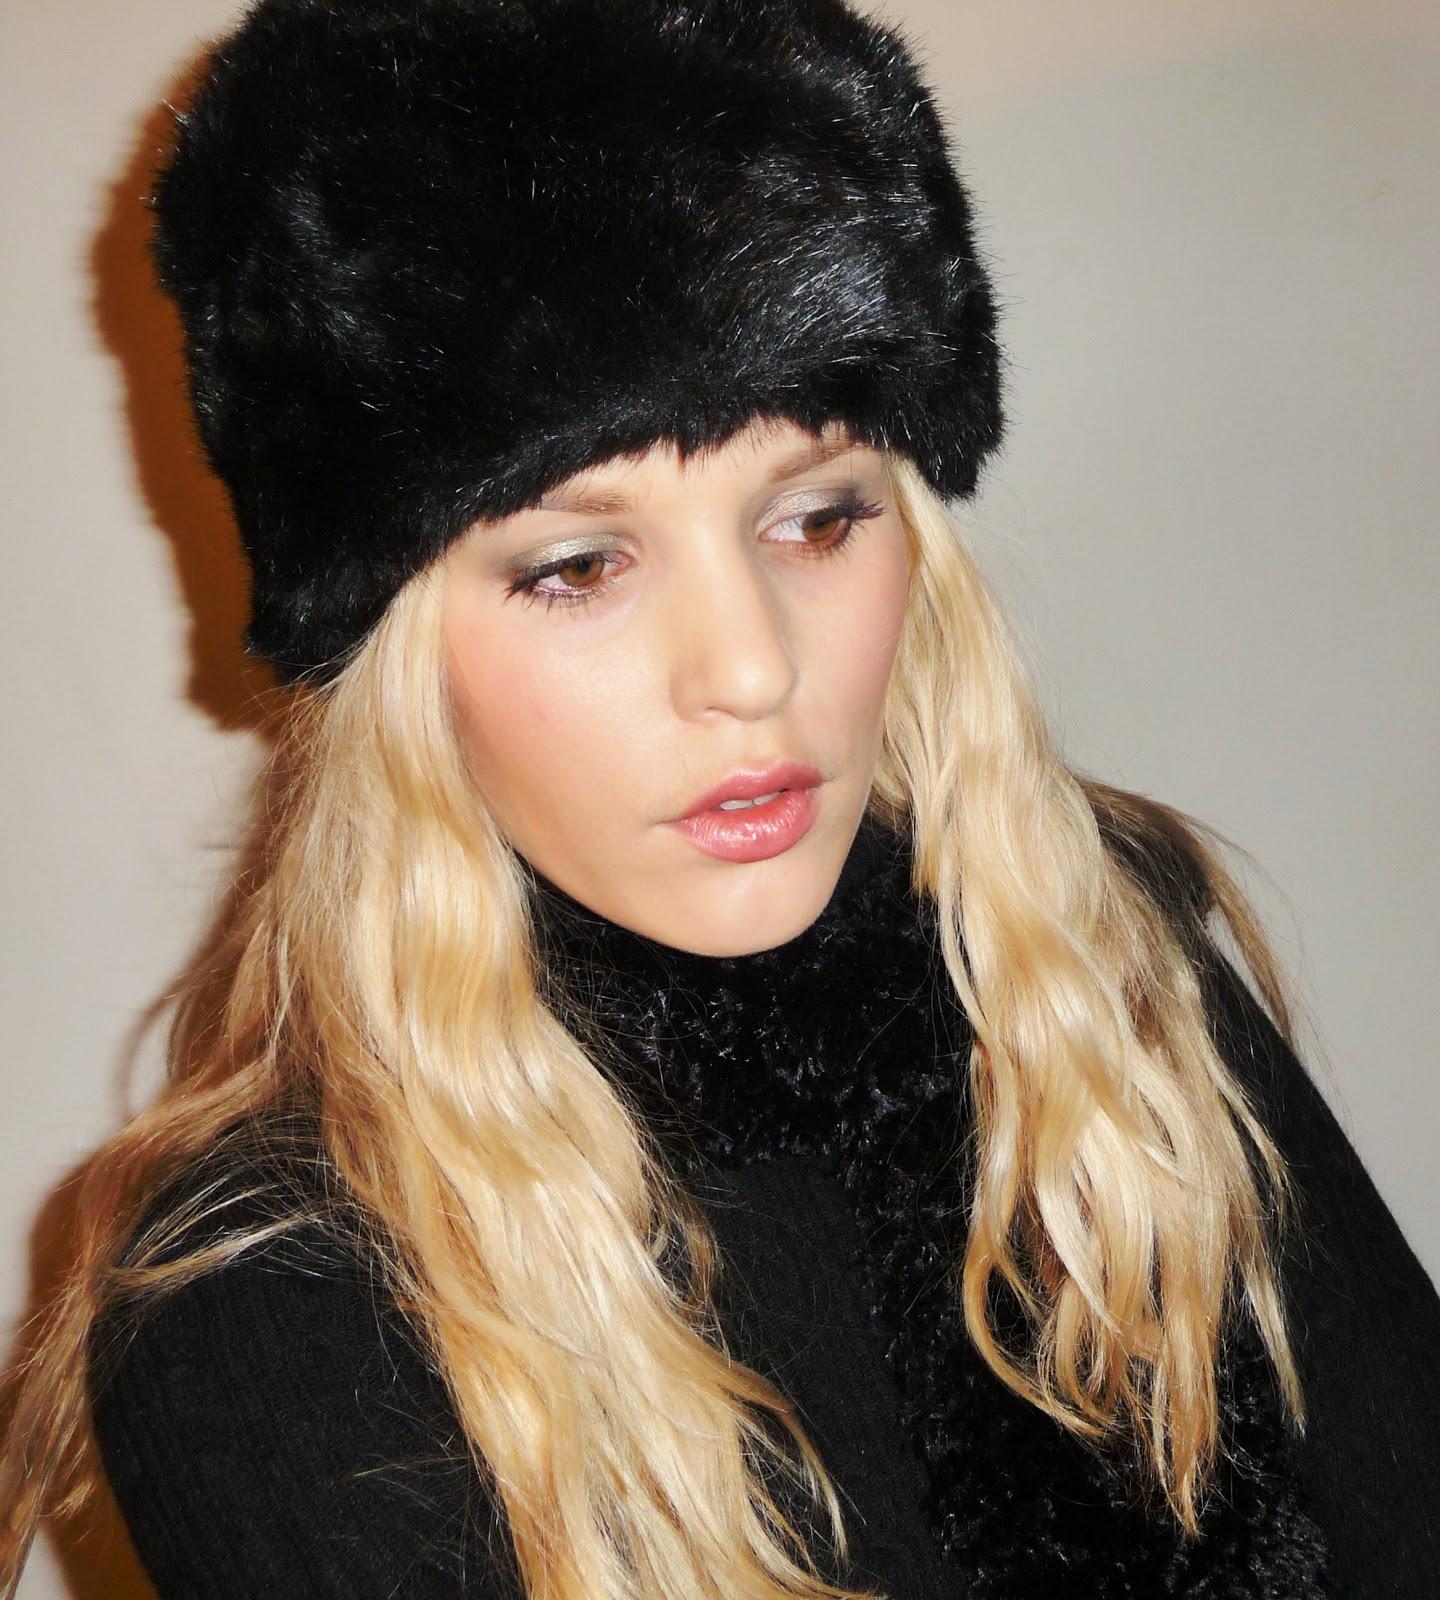 O sont les femmes russes en France ? - RussianHug